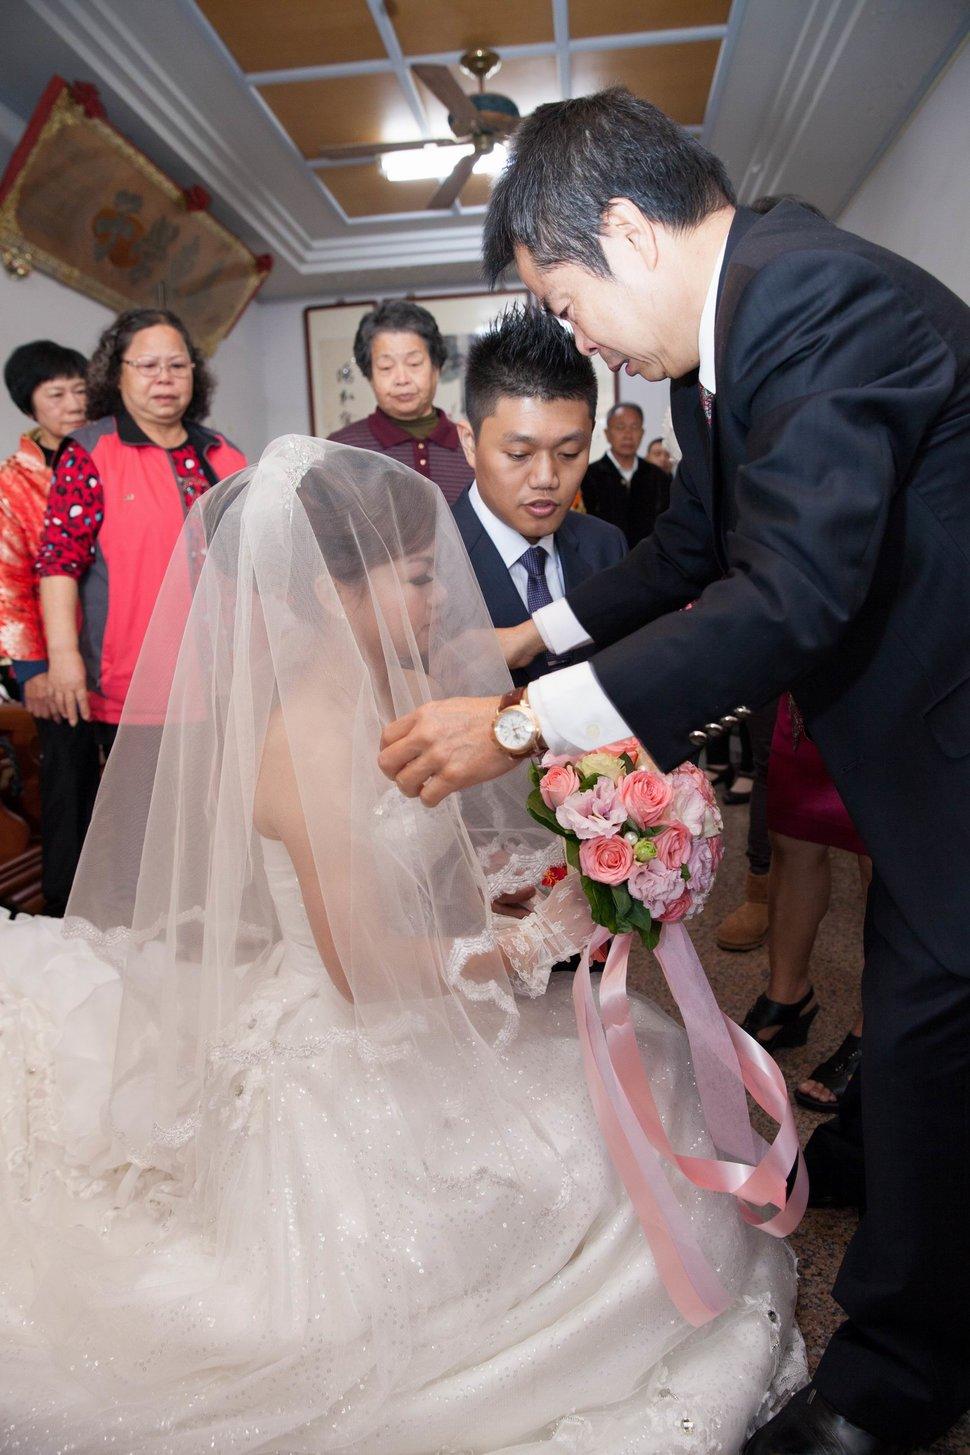 結婚迎娶午宴東達極品美饌結婚迎娶婚禮記錄動態微電影錄影專業錄影(編號:194071) - 蜜月拍照10800錄影12800攝影團隊 - 結婚吧